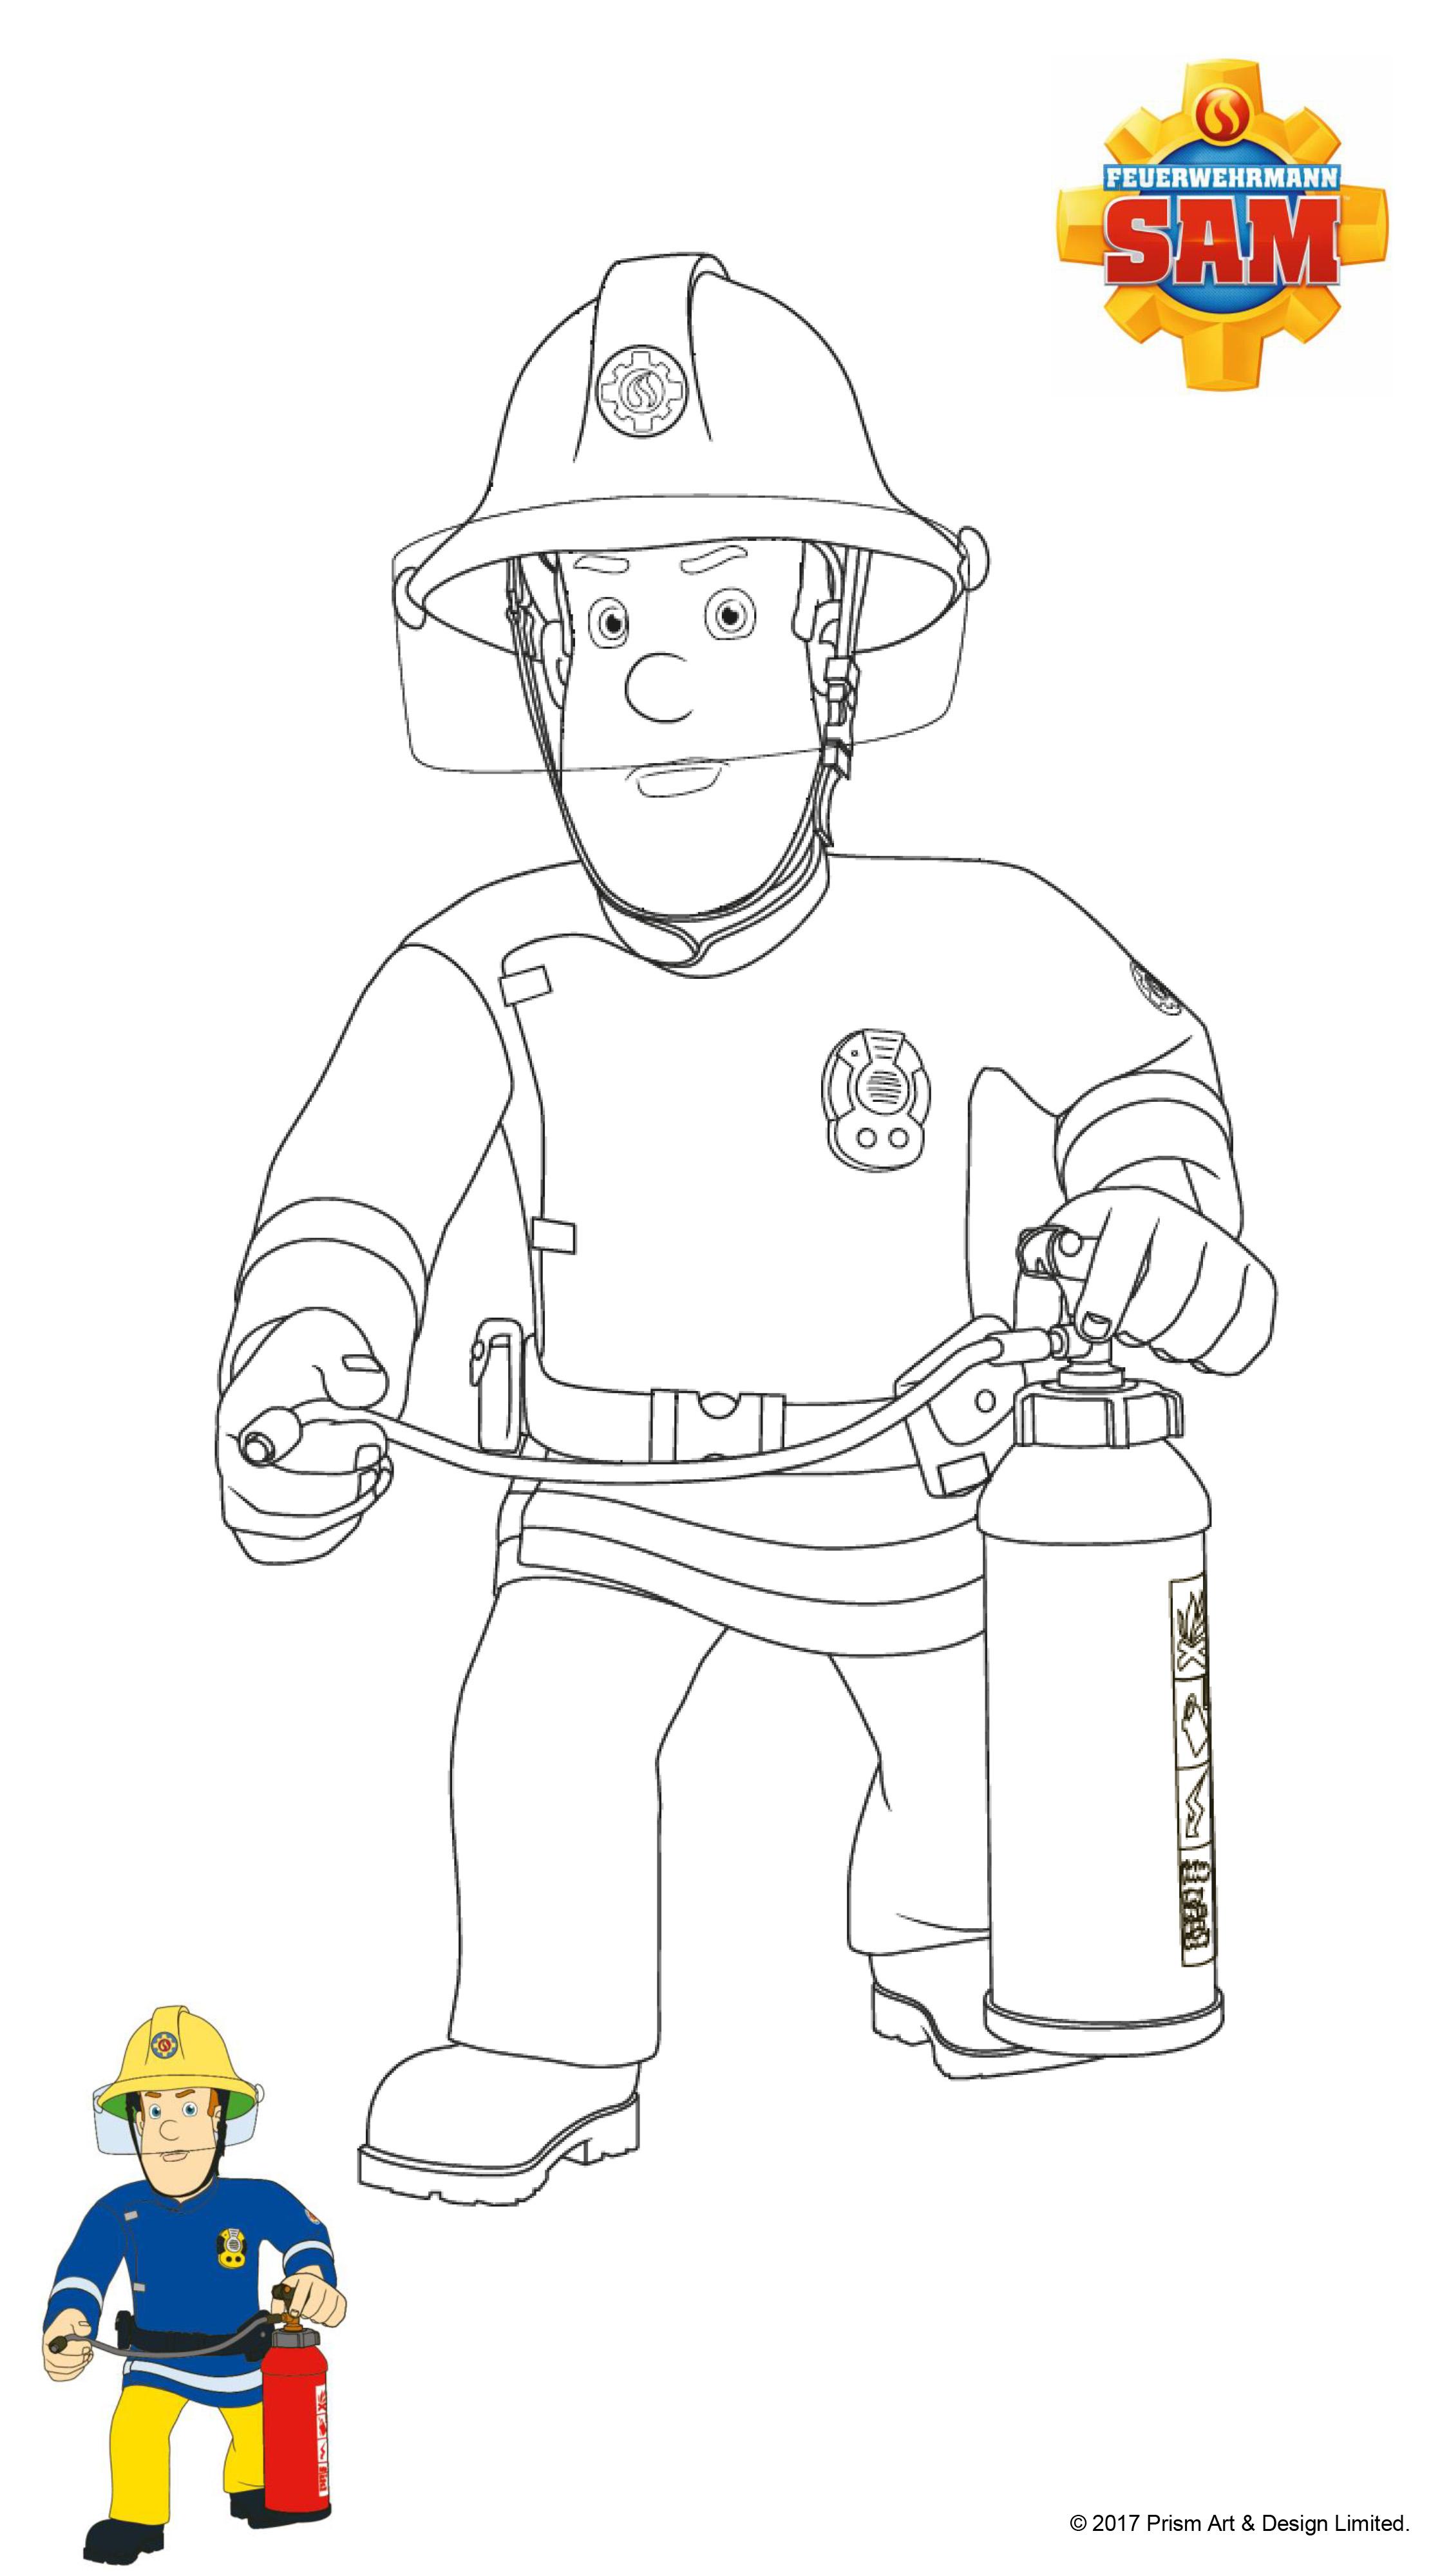 Ausmalbilder Feuerwehr Ausdrucken : Feuerwehrmann Sam Ausmalbilder Mytoys Blog